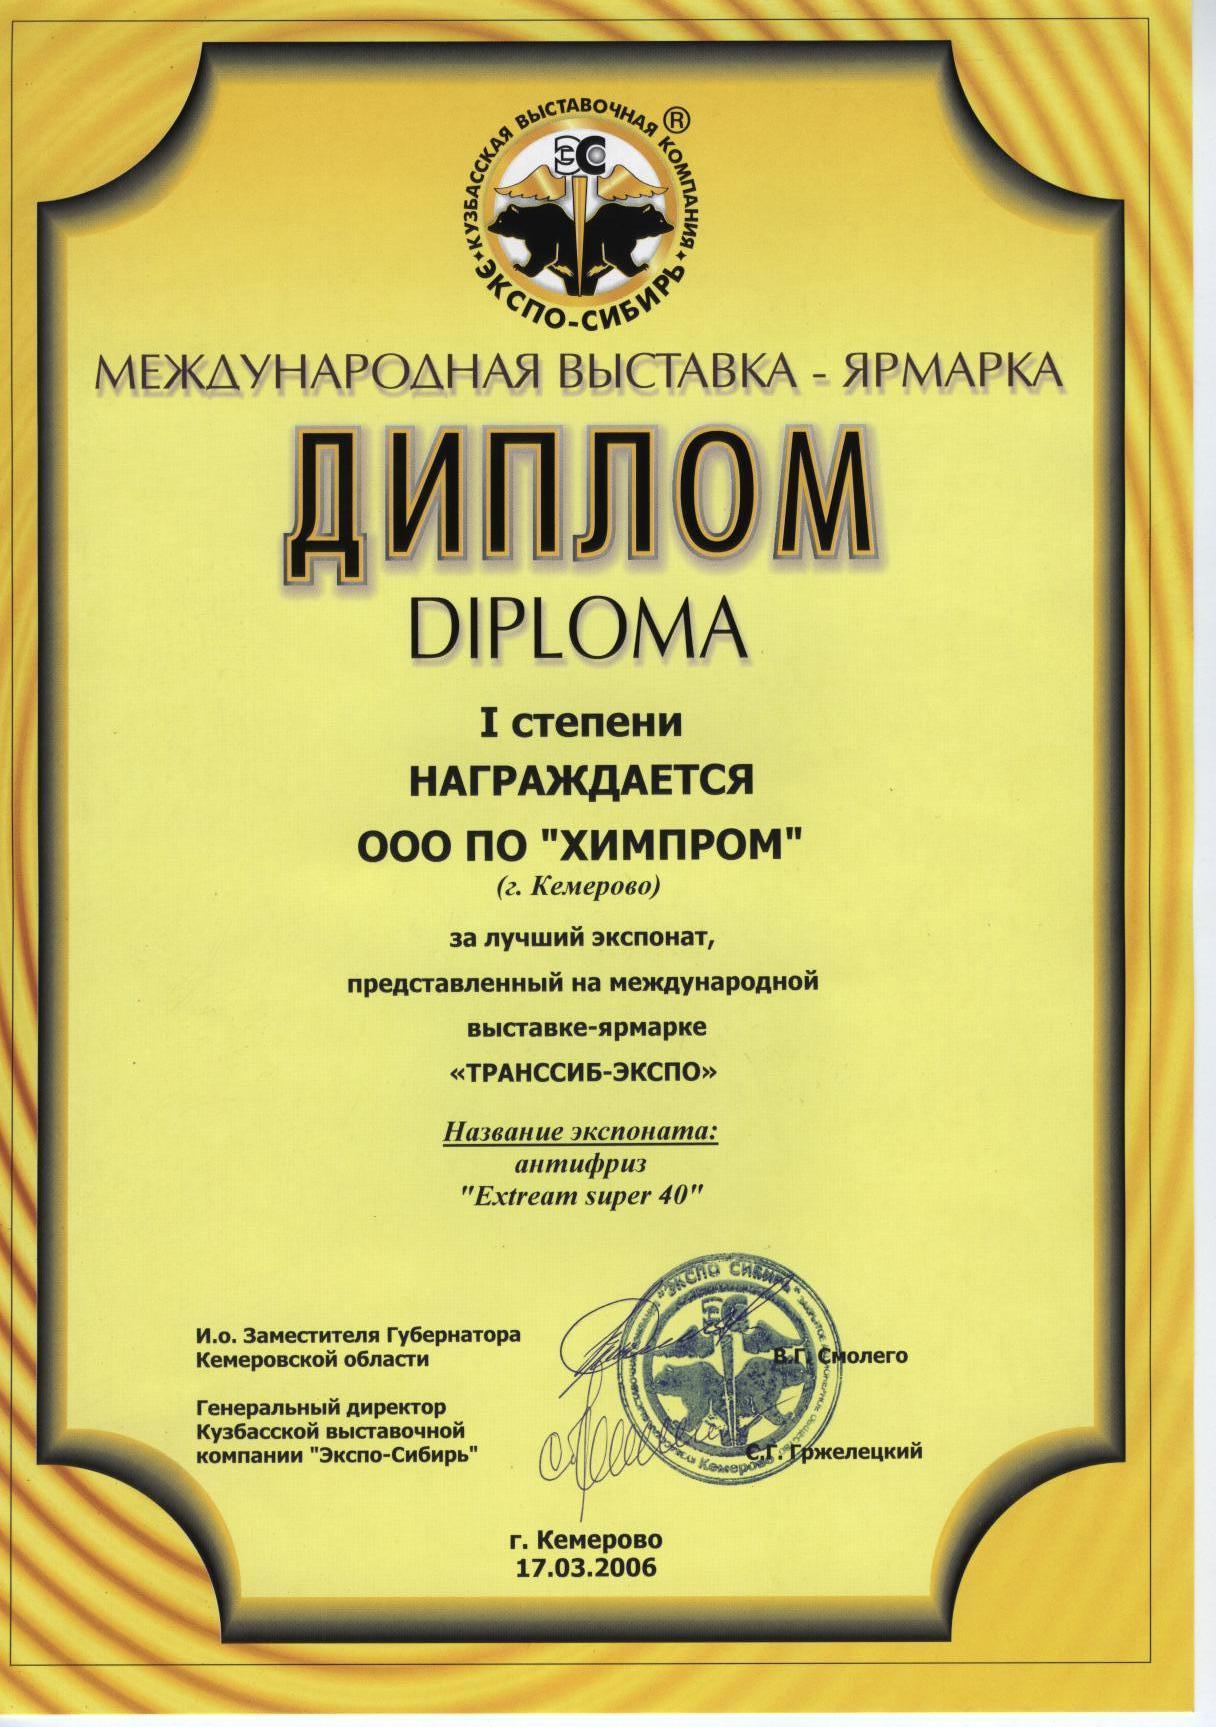 Дипломы и медали международных выставок ярмарок  2006 год диплом на Байкальской строительной неделе г Иркутск за актуальность и конкуретоспособность экологически чистого теплоносителя КОМФОРТ